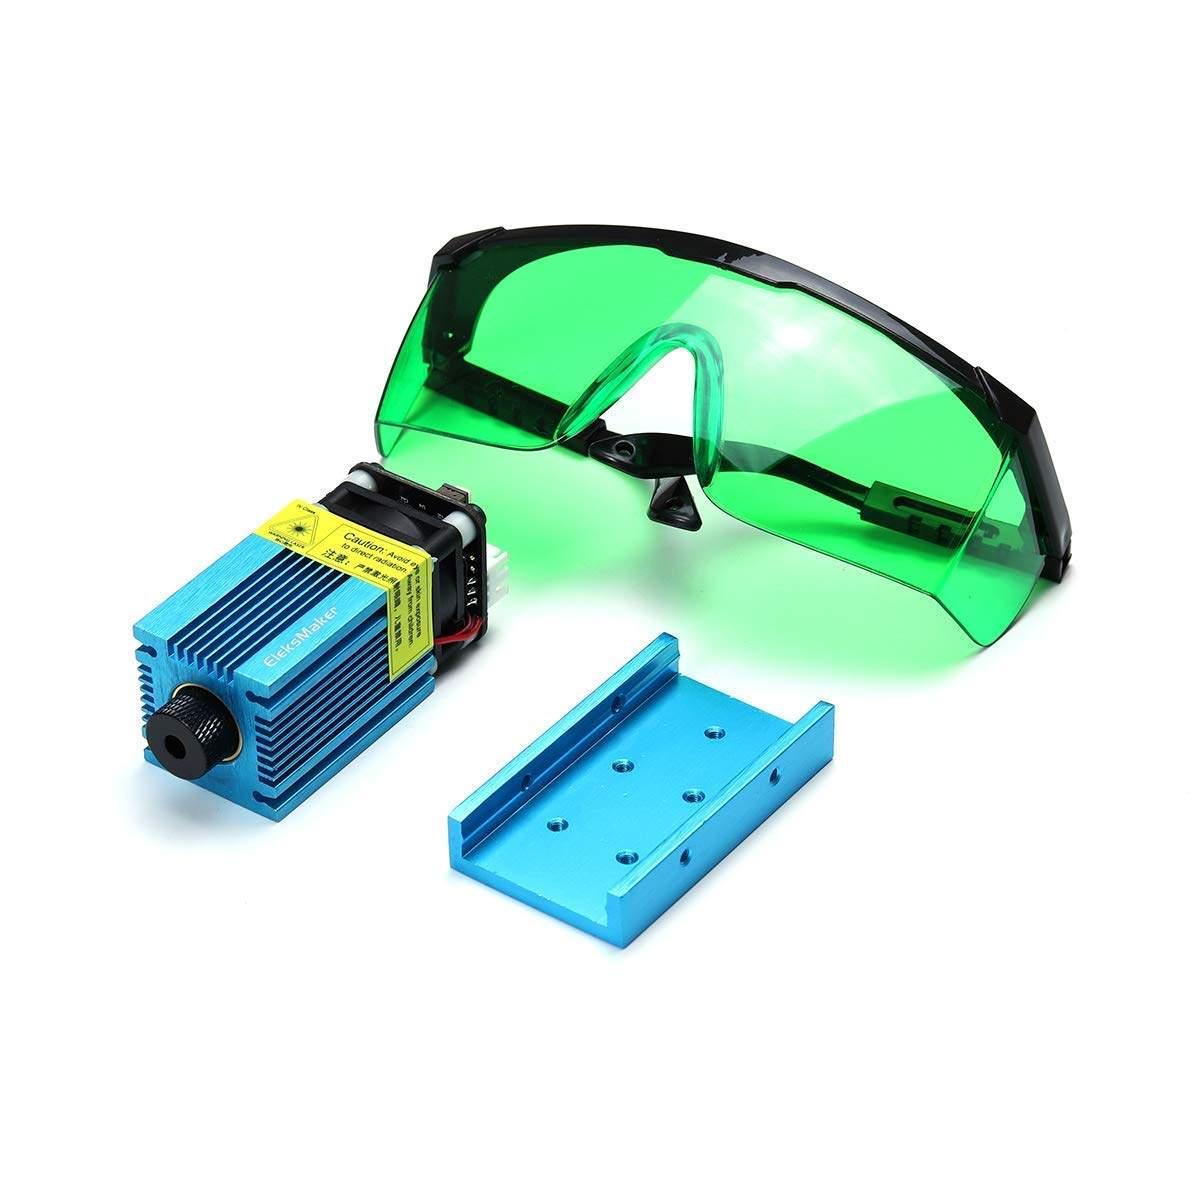 Bloomerang-Eleksmaker-Elekslaser-A3-Pro-2500Mw-Laser-Engraving-Machine-CNC-Laser-Printer